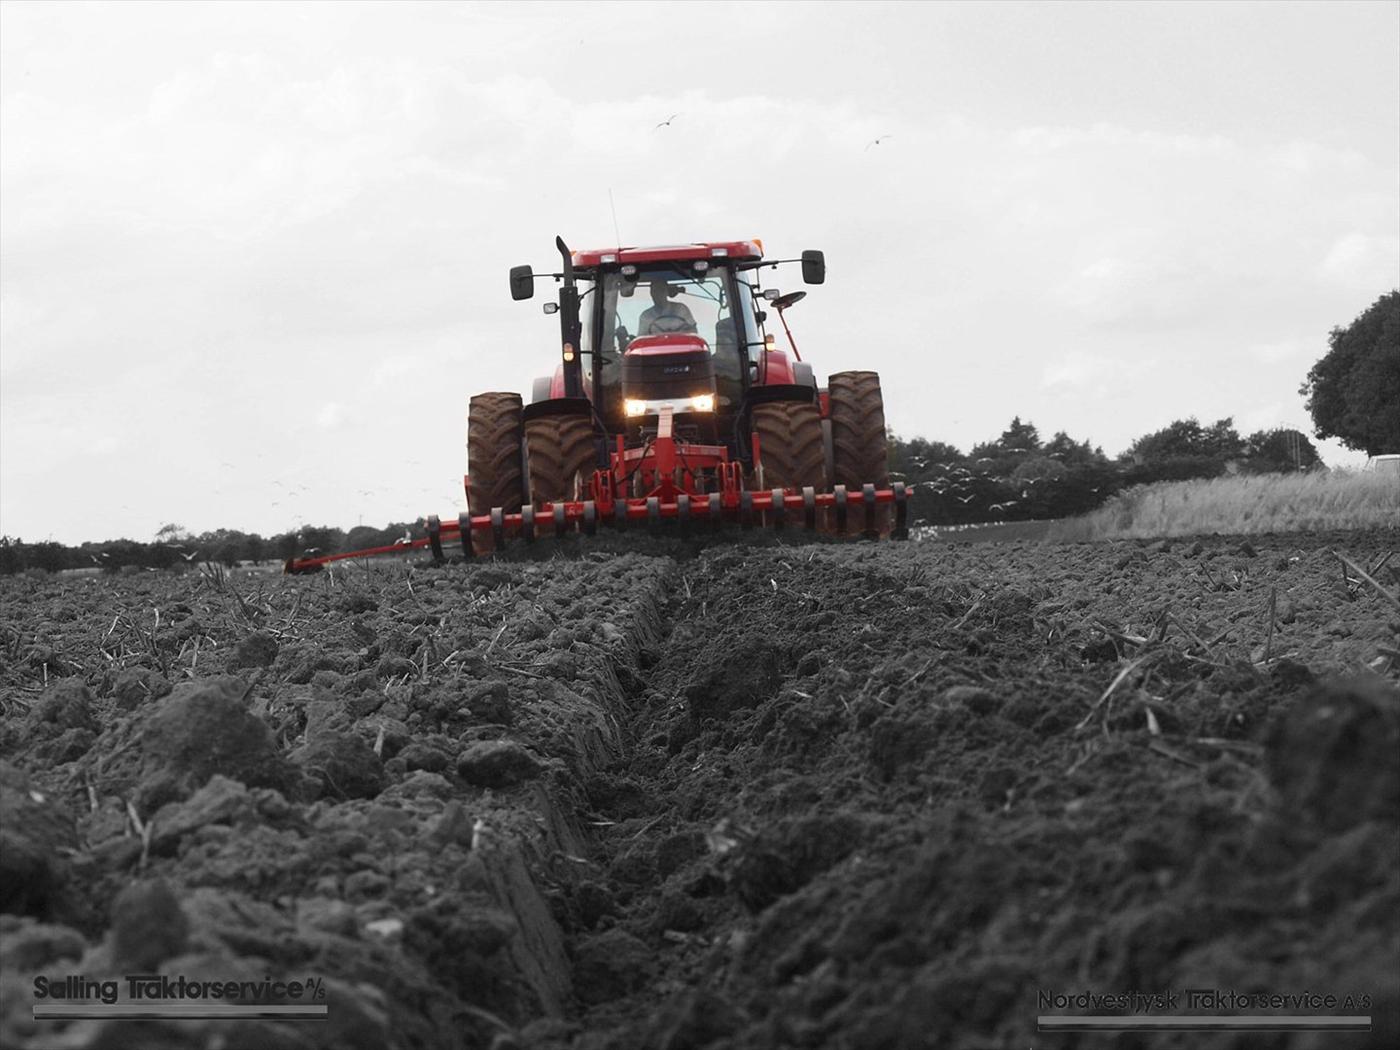 Salling Traktorservice samt Nordvestjysk Traktorservice billede 6